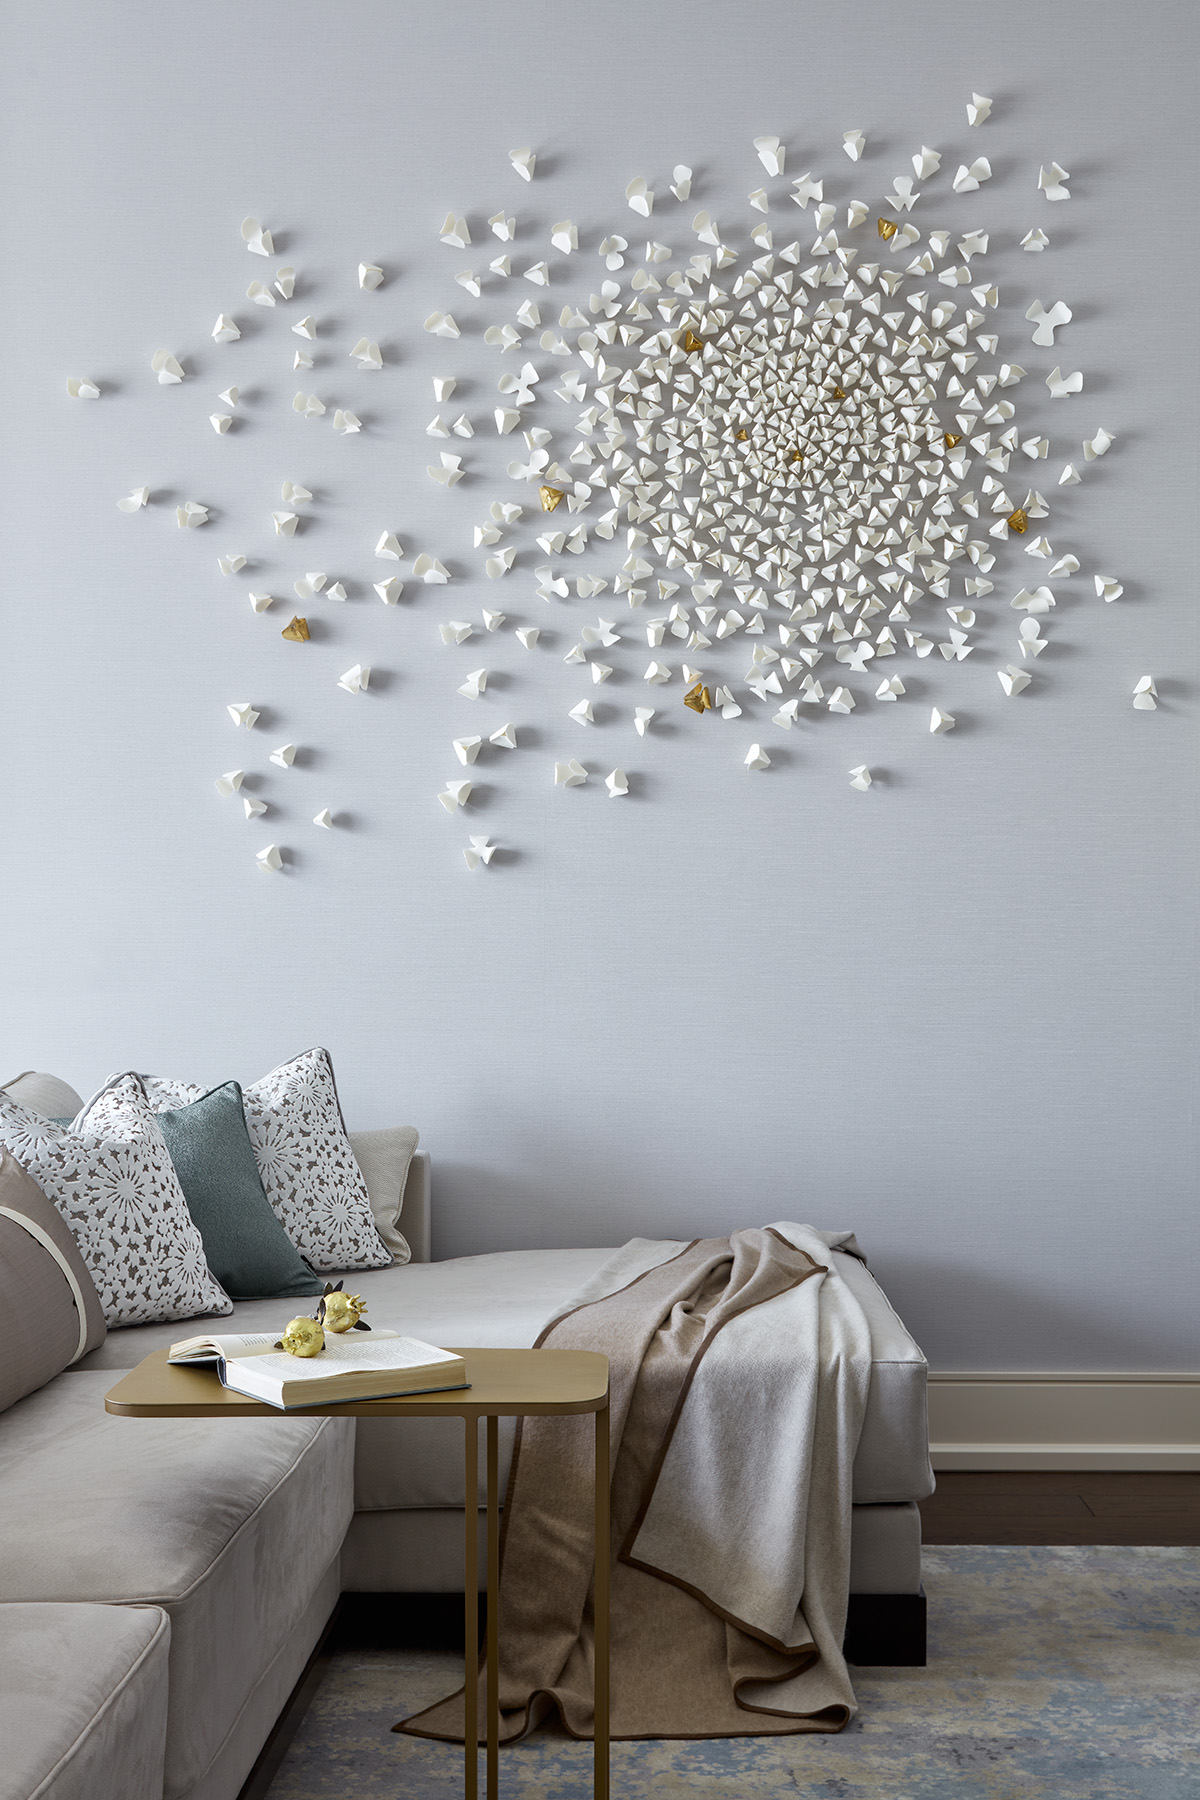 Eclectic & Elegant Apartment